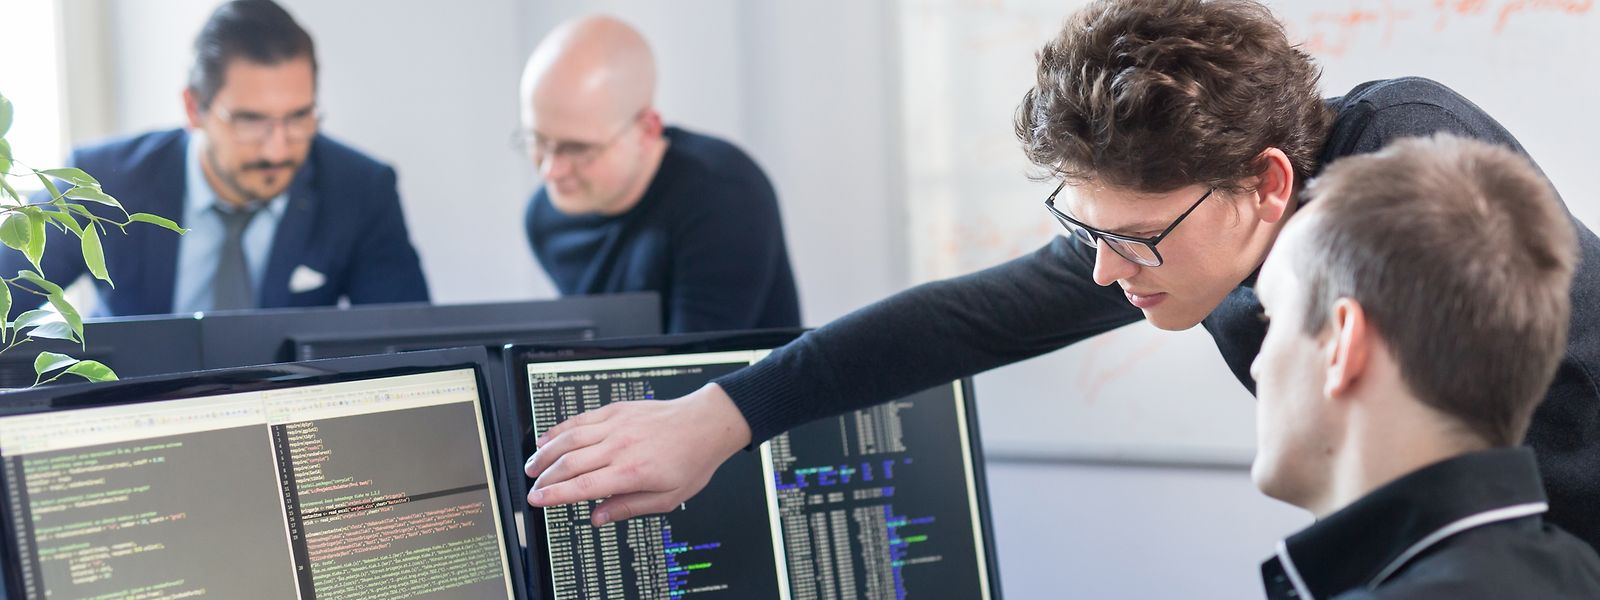 Programmateurs et consultants sont les deux principales spécialités recherchées par les entreprises luxembourgeoises du secteur des TIC.